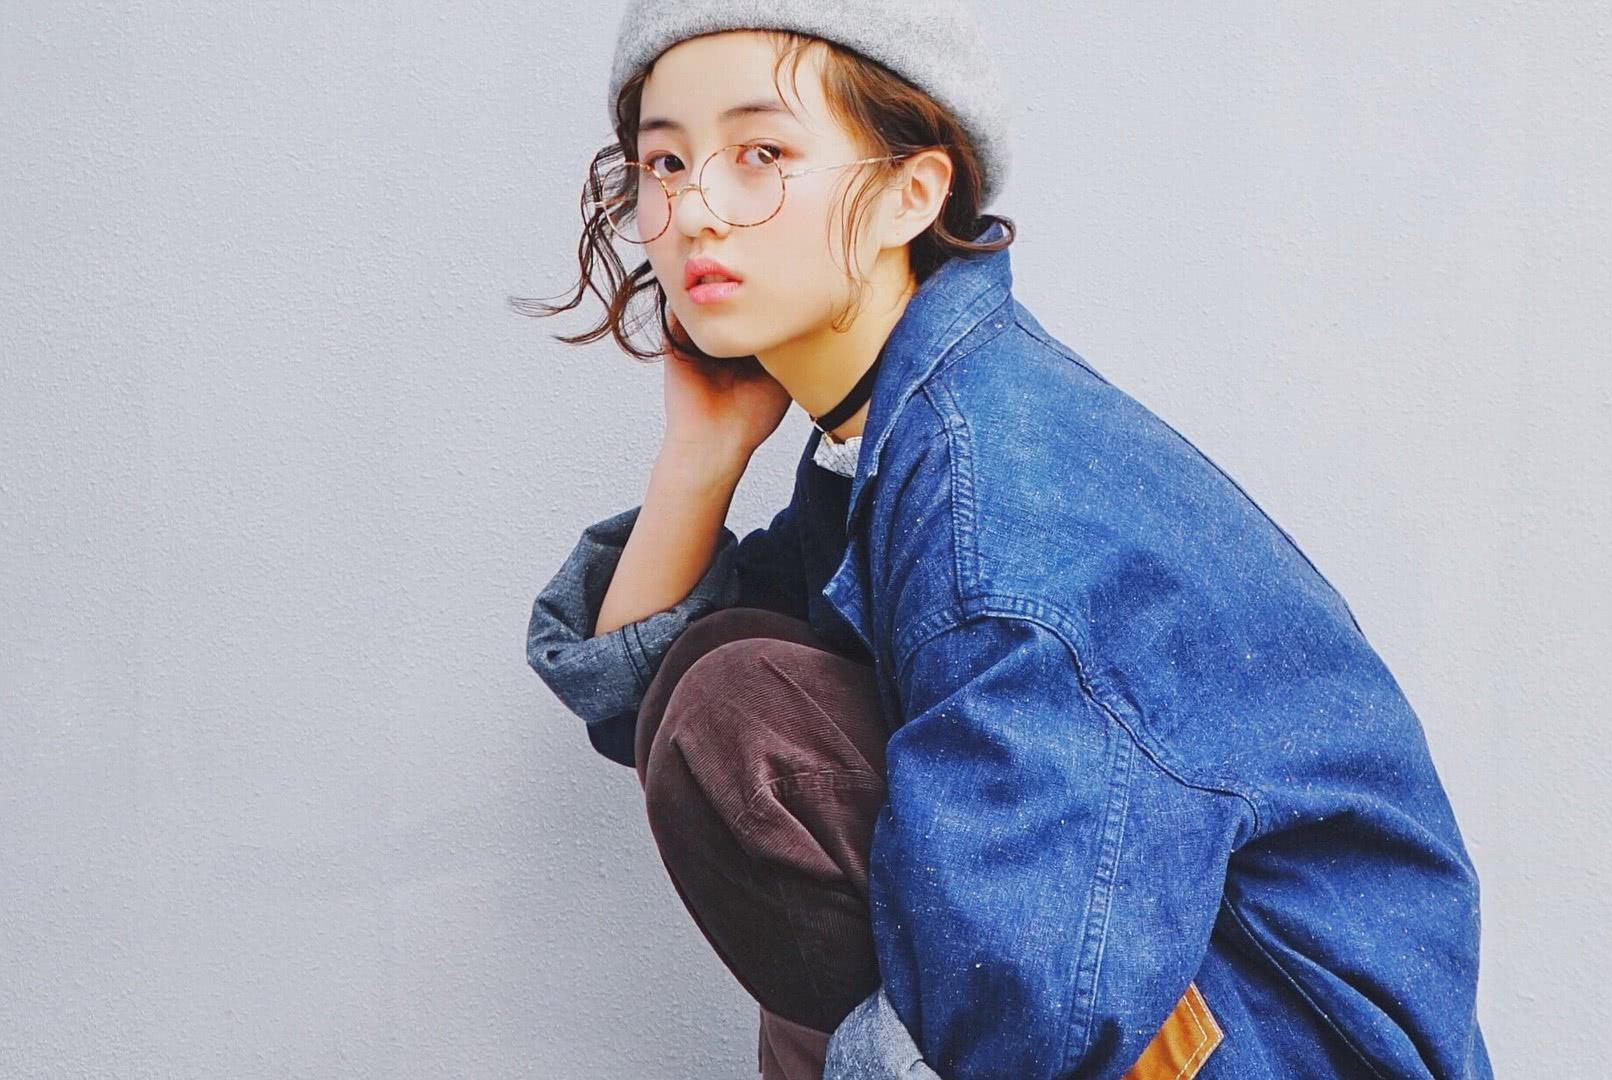 演技派新生代四小花旦诞生,张子枫实至名归,她却备受争议!